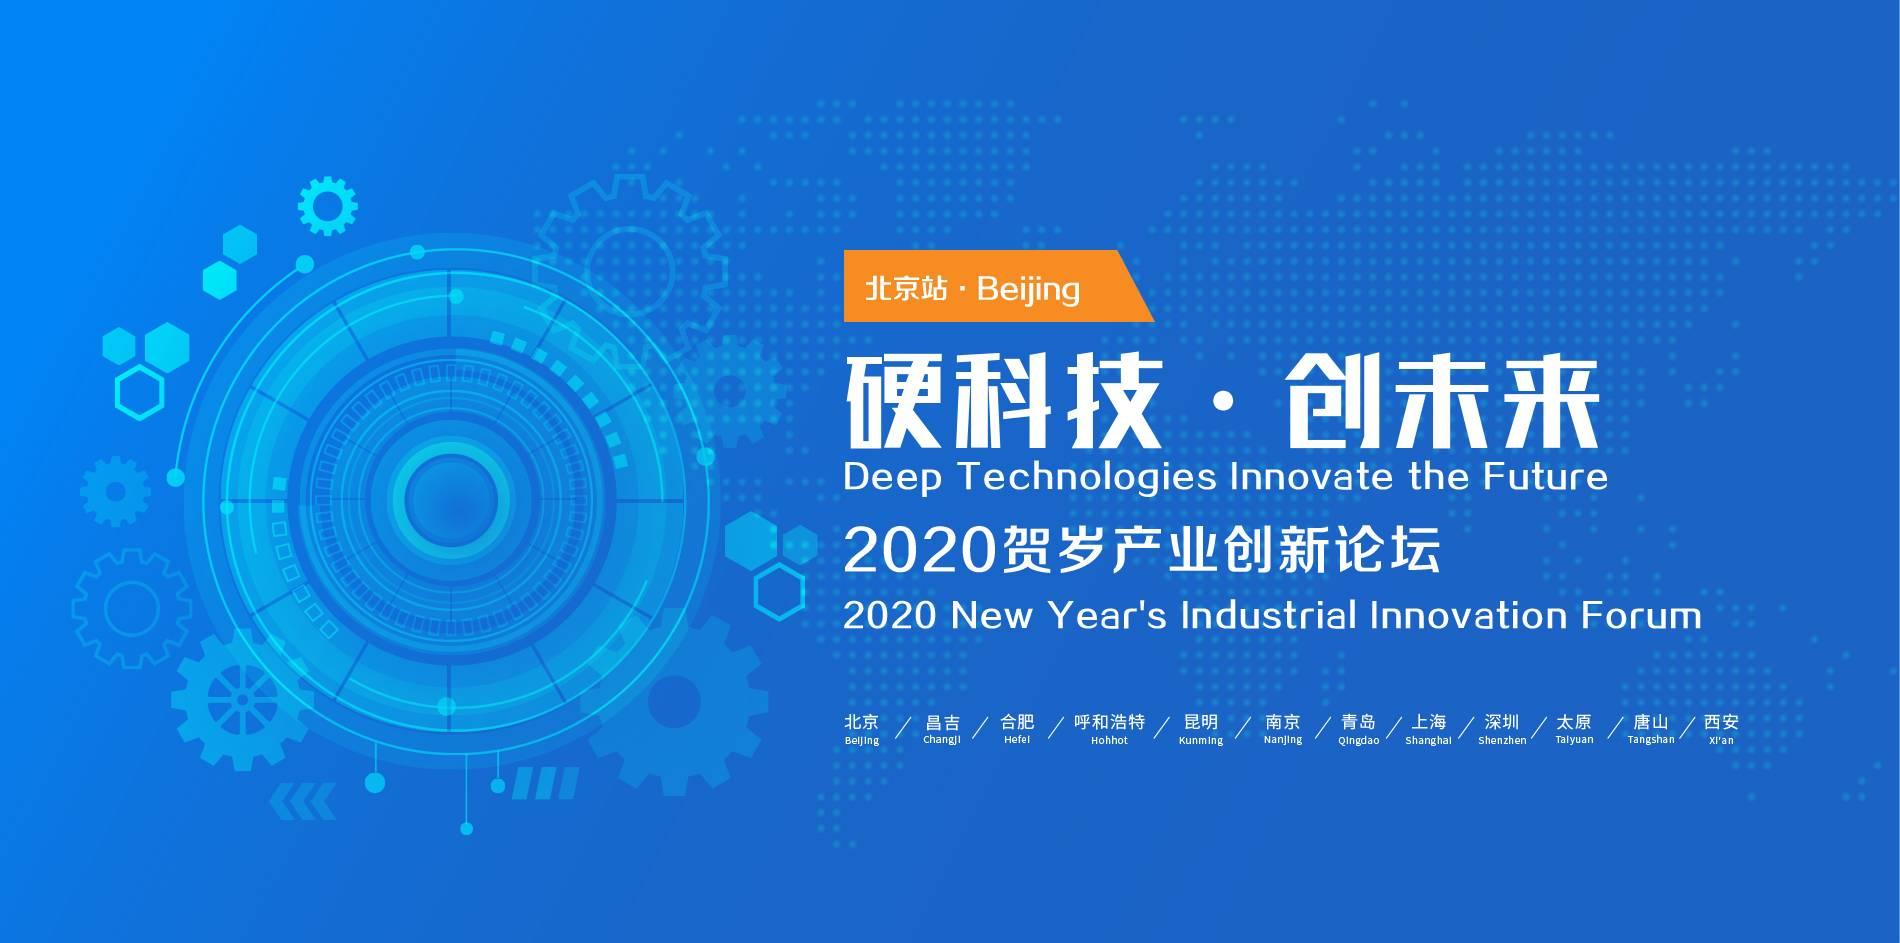 【活动】硬科技·创未来--2020贺岁产业创新论坛·北京站-亿欧